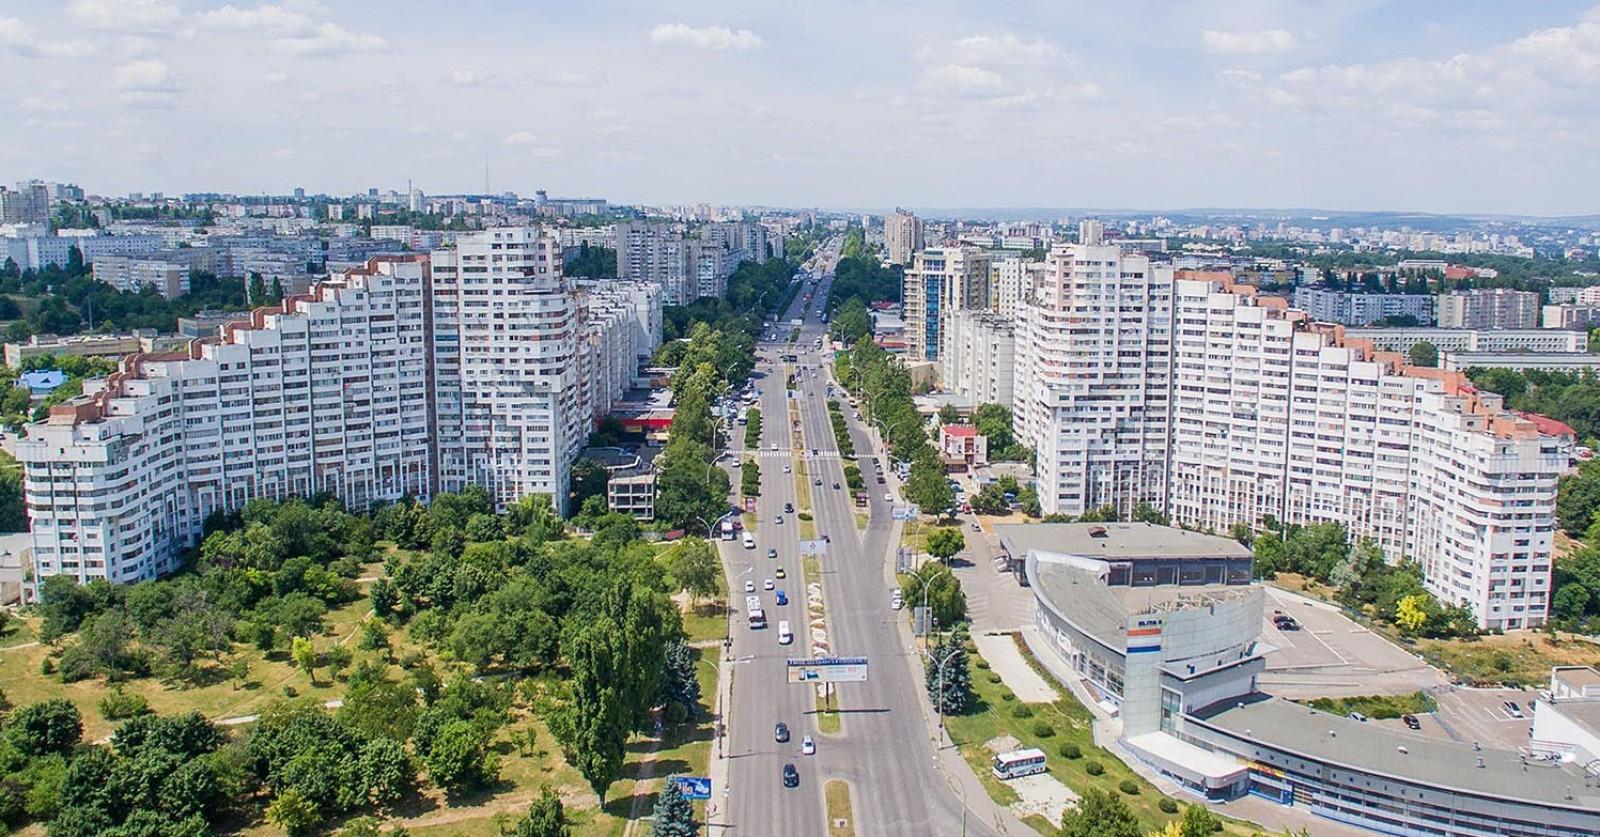 Tramvaie şi trafic minim în zona Centru! Cum se va modifica infrastructura transporturilor din Chişinău până în 2042